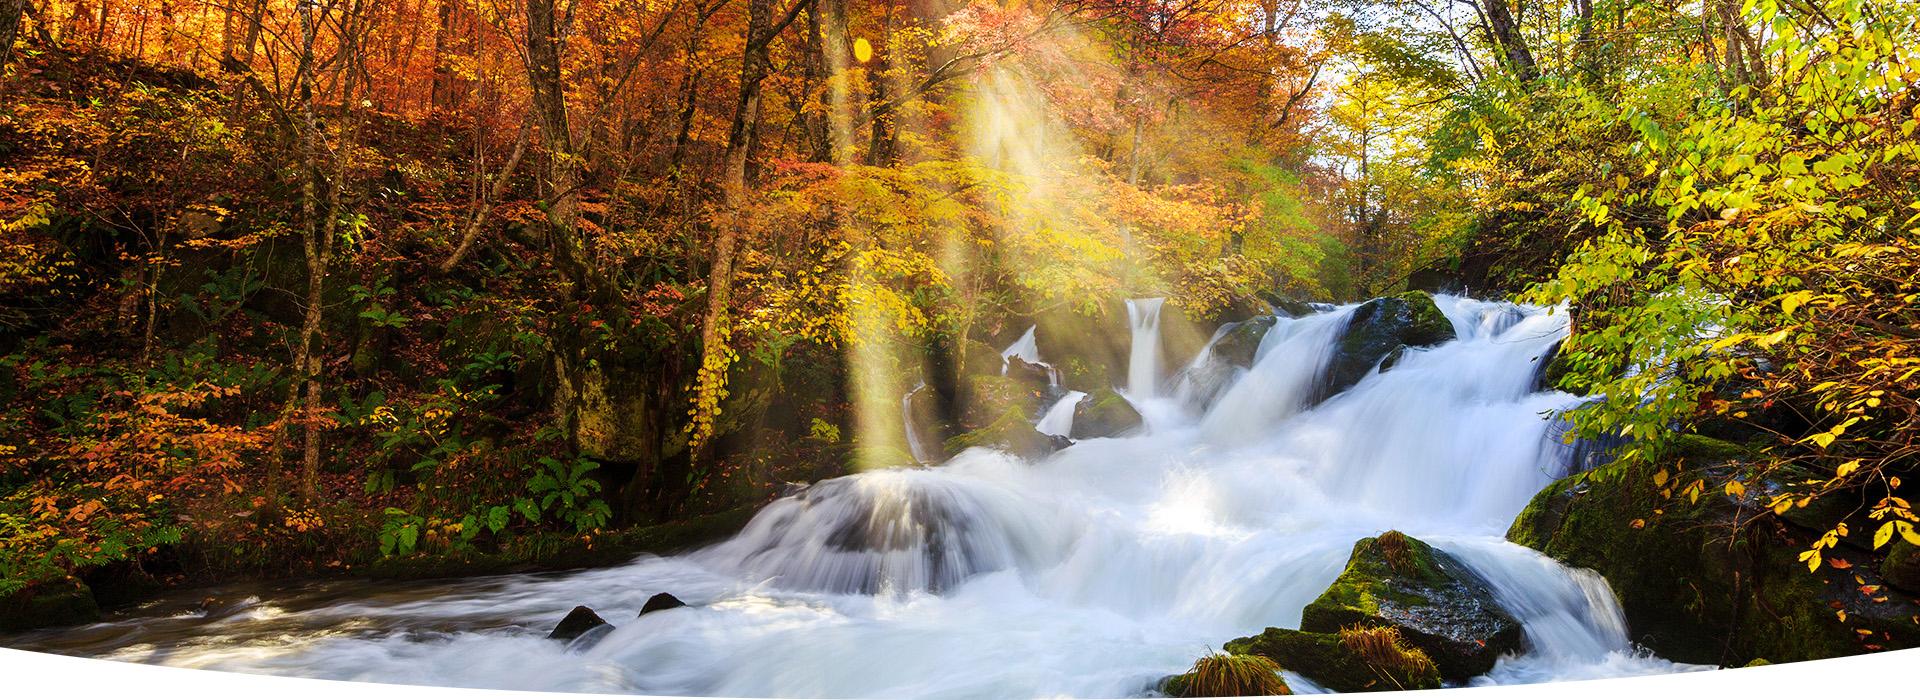 秋季賞紅葉絕美溪流